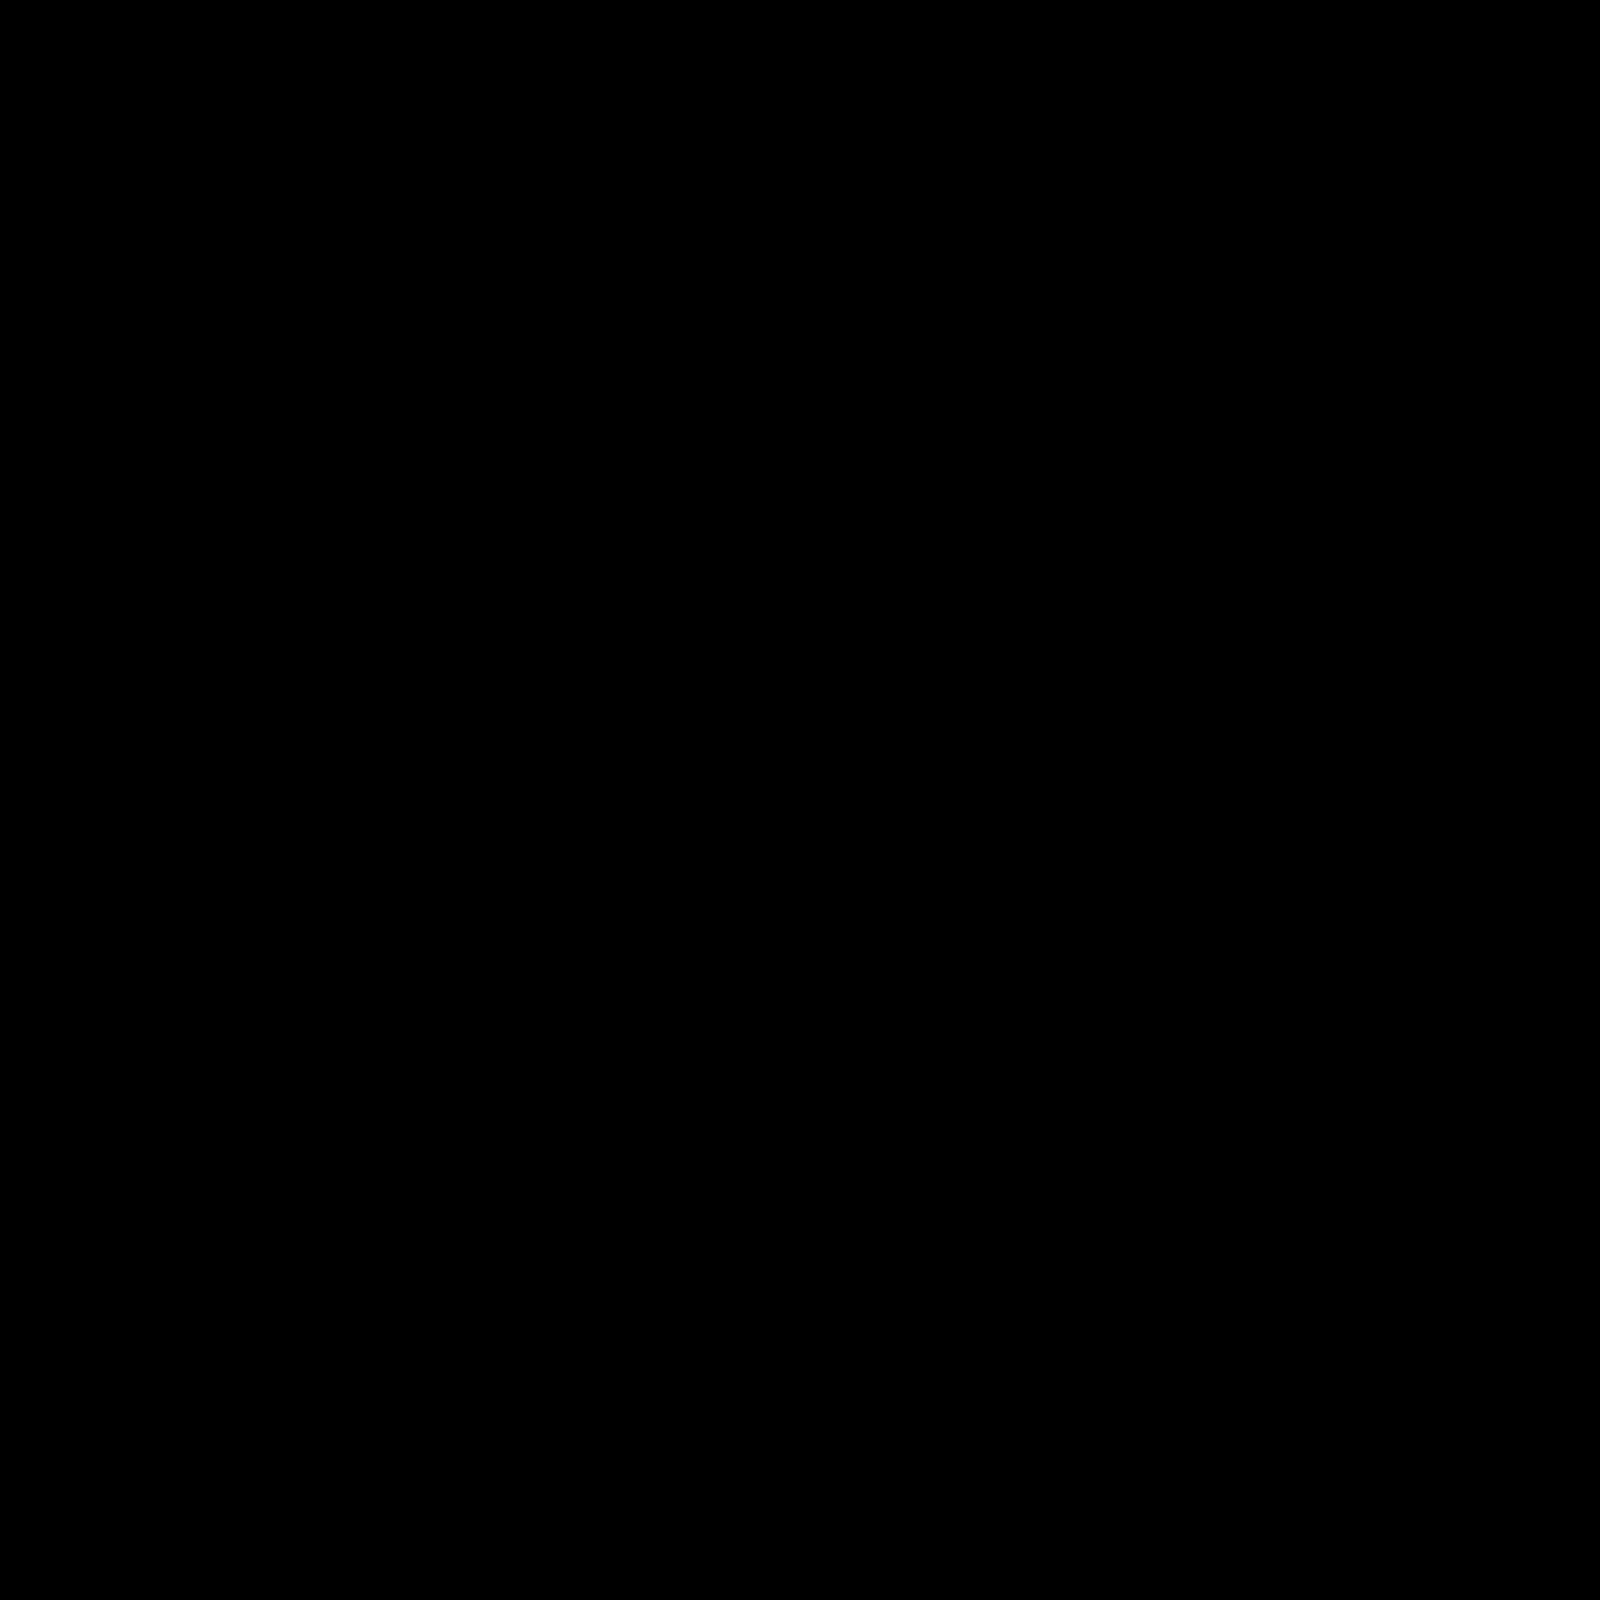 3 Key icon